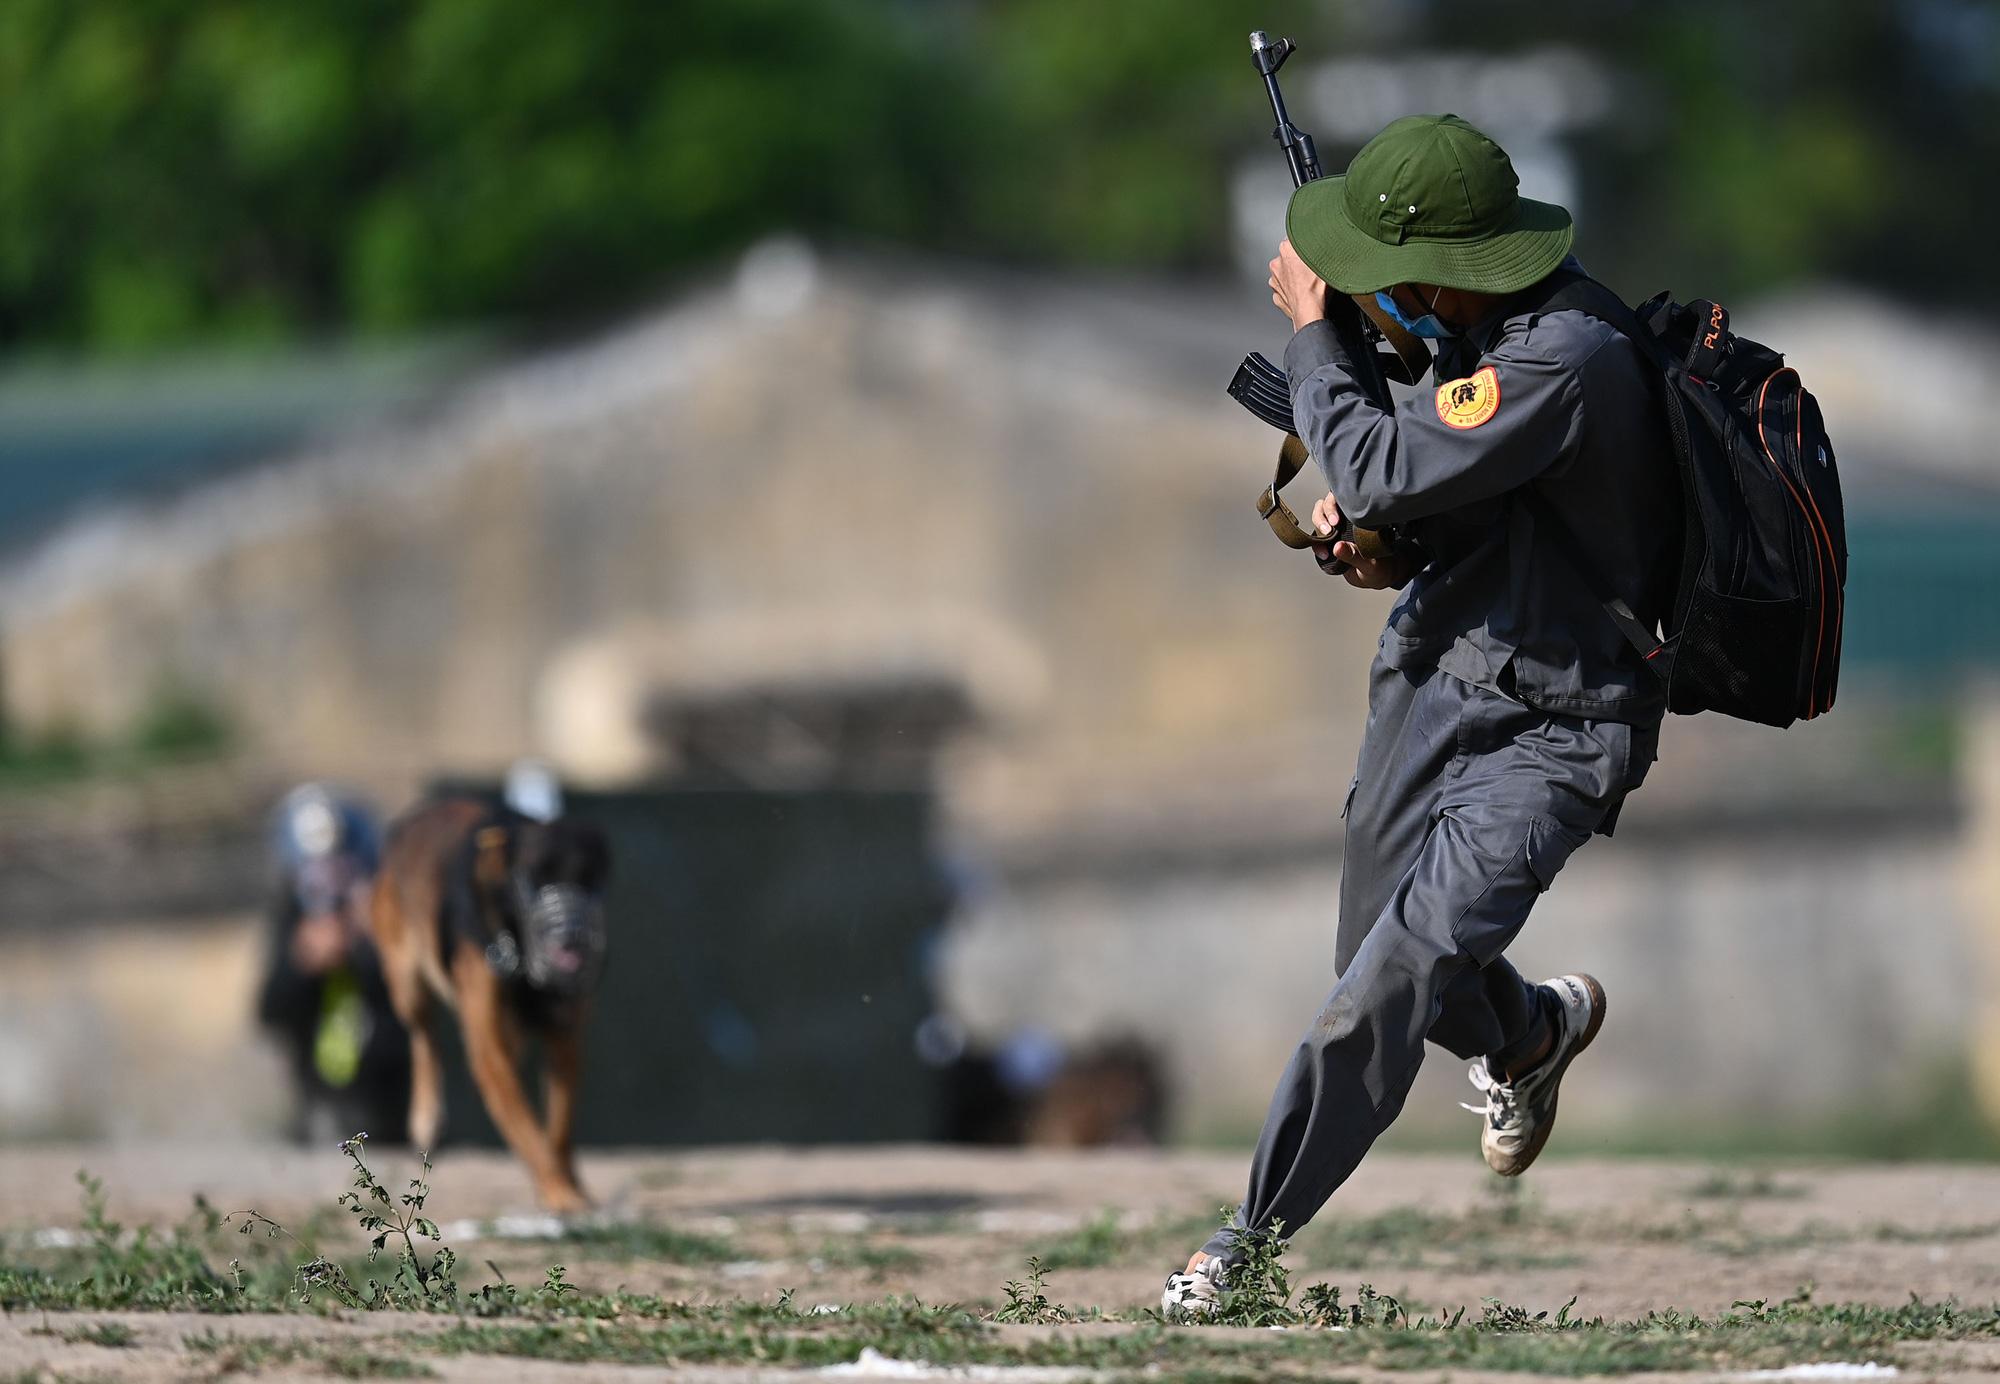 Mãn nhãn với màn biểu diễn võ thuật, nổ súng truy bắt tội phạm của Cảnh sát cơ động cùng những chiến binh đặc biệt - Ảnh 6.